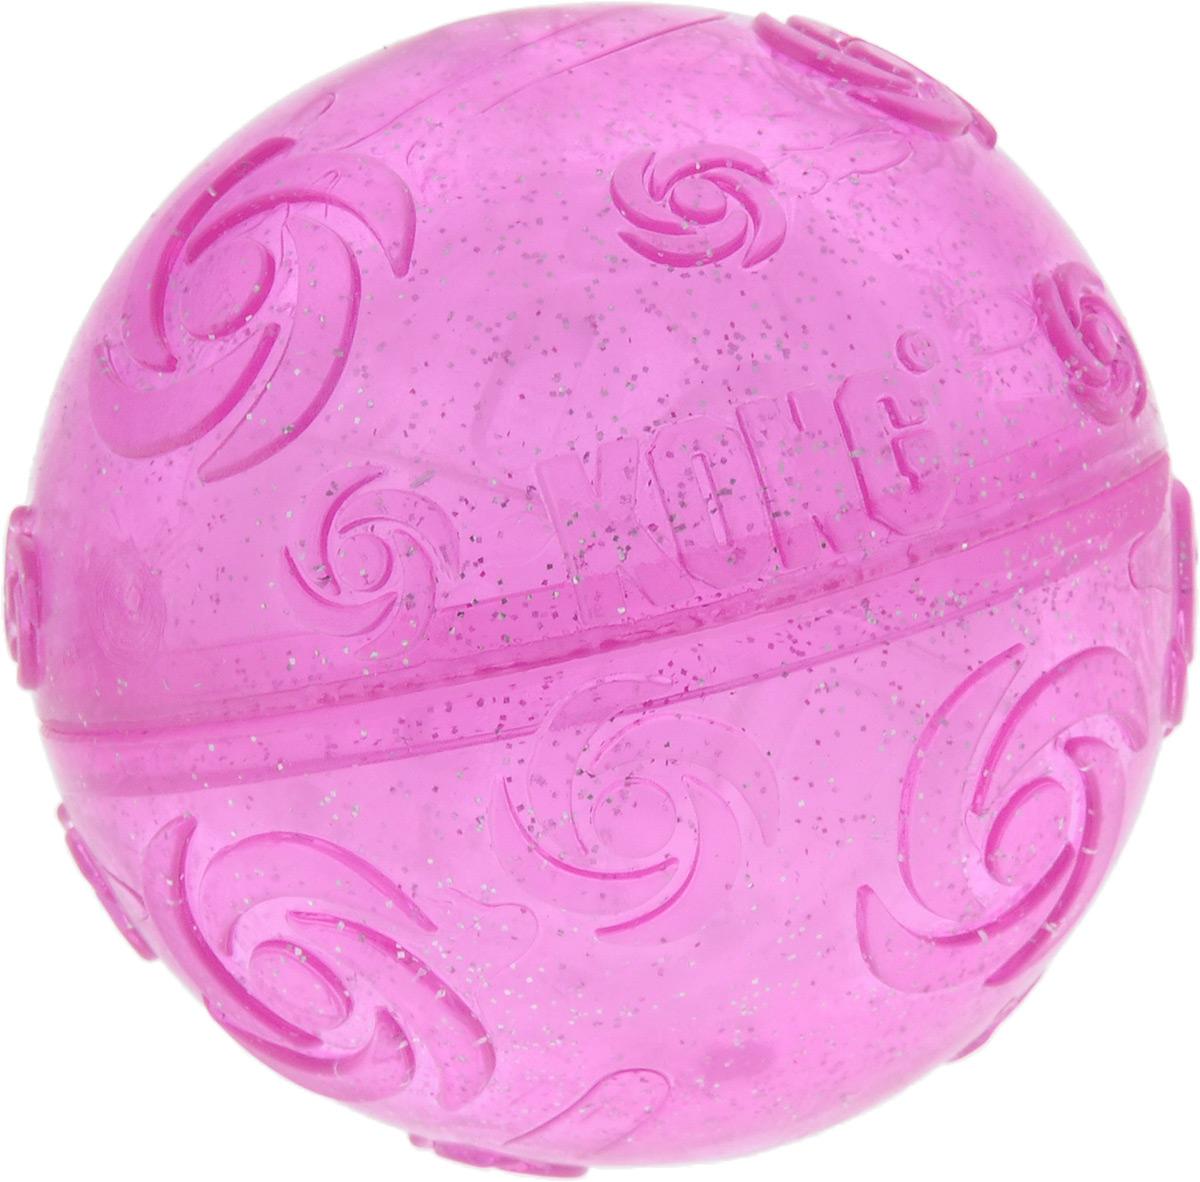 Игрушка для собак Kong Squezz Crackle, хрустящий мячик, цвет: сиреневый, диаметр 7 см1081STEXИгрушка для собак Kong Squezz Crackle, выполненная из пластичного материала, создает при сдавливании особый, привлекательный для собак трескучий звук. Идеально подходит как для спокойных игр, так и для игр в апорт в помещениях или на открытом воздухе. Игрушка имеет яркую окраску и отличается привлекательным блеском. Такая игрушка доставит огромную радость собакам и их заботливым владельцам. Диаметр: 7 см.